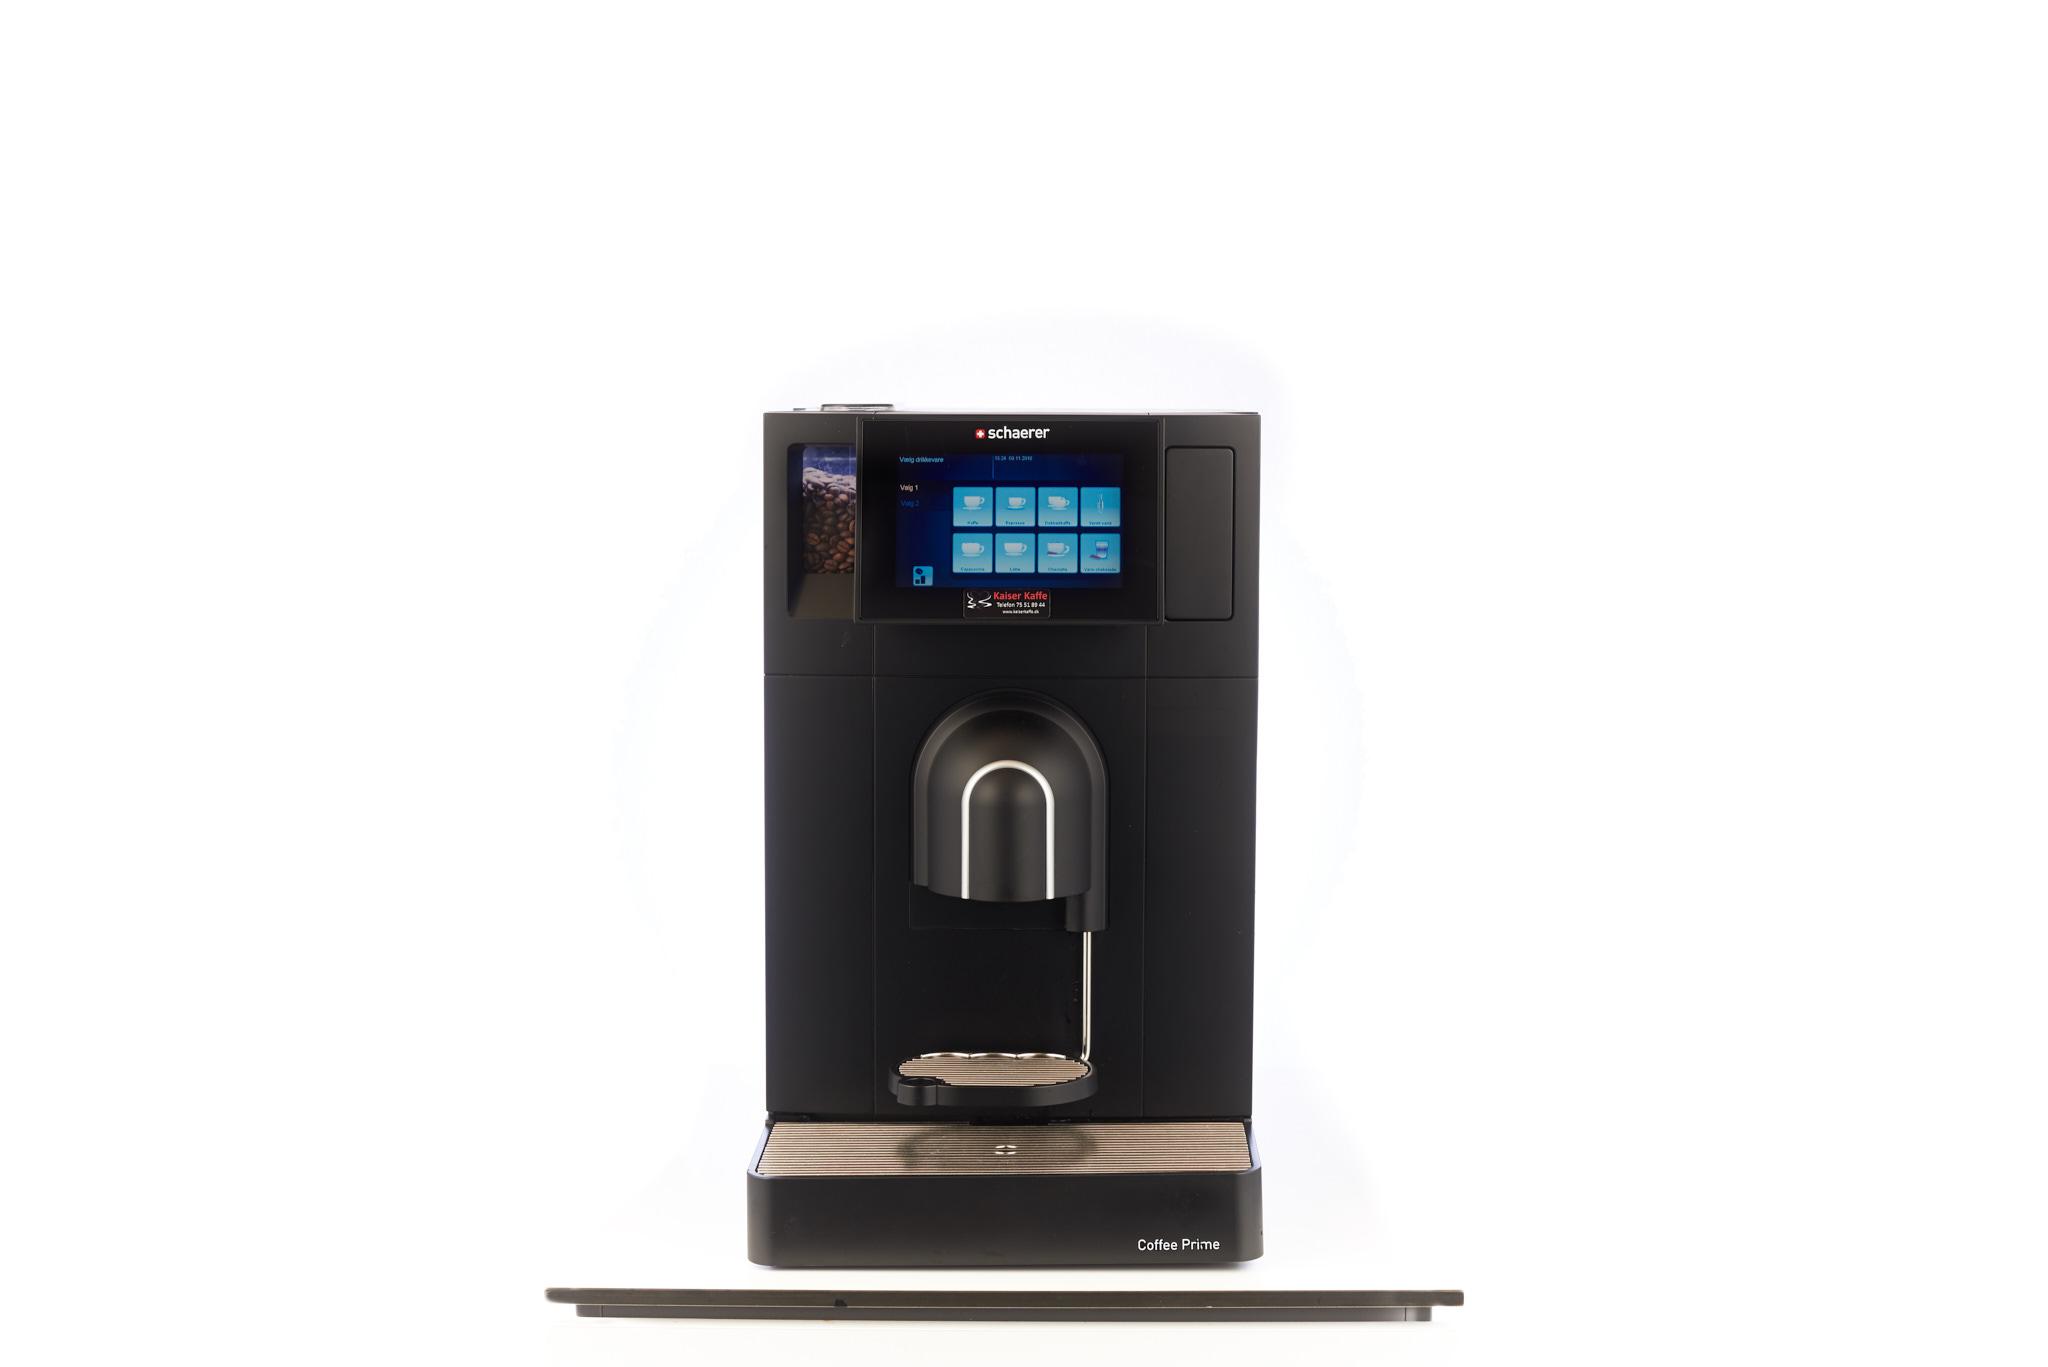 Kaiser Kaffe Schaerer Prime 13167 - Produkt kategori